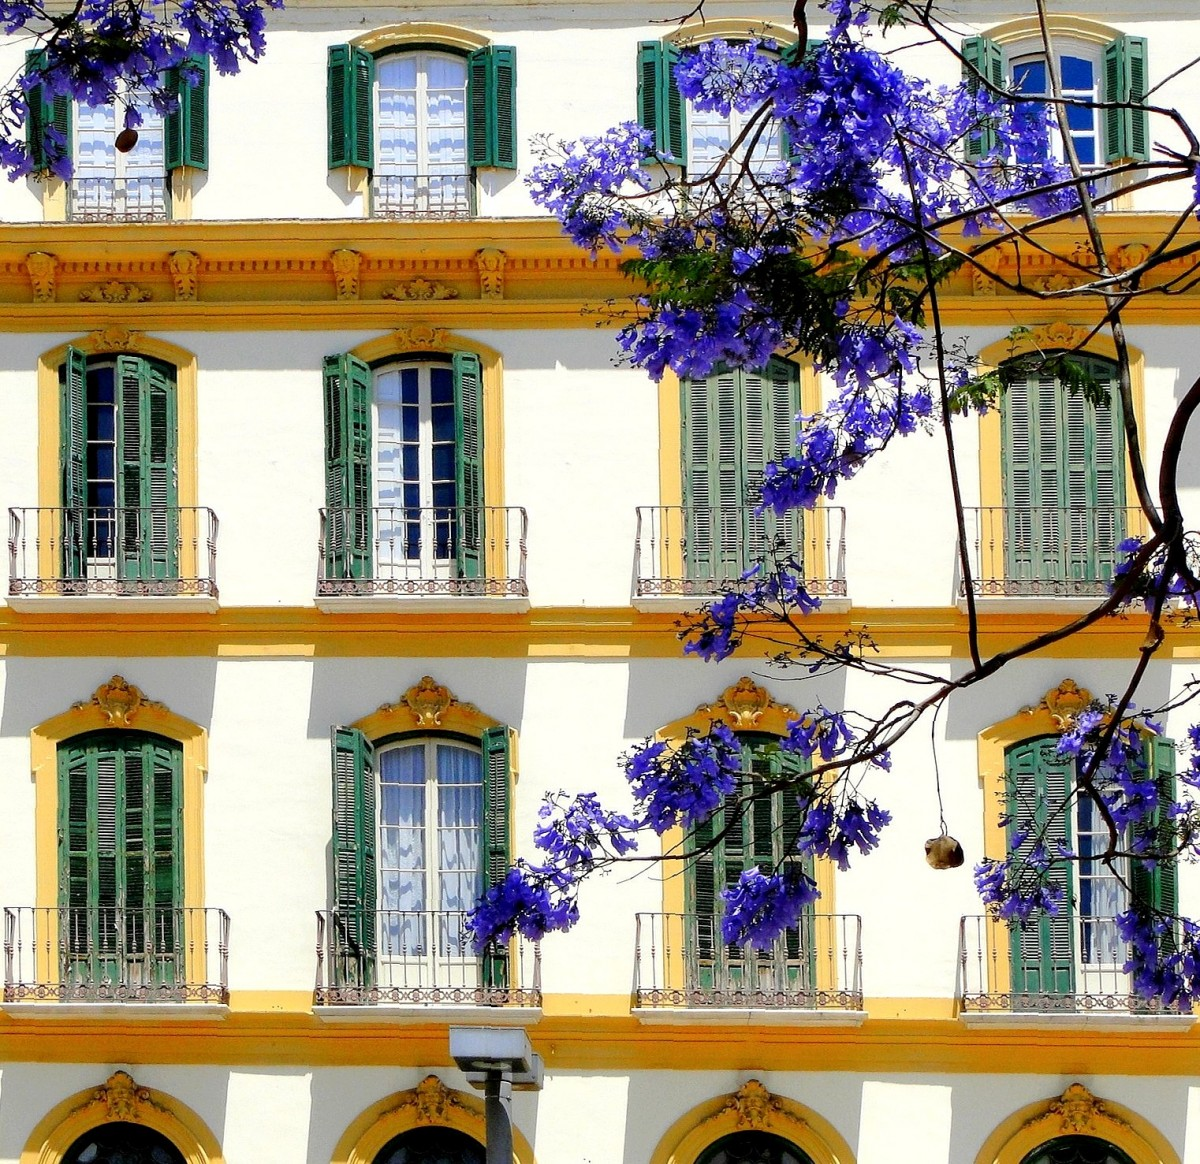 Zdjęcia: Malaga, Andaluzja, Wiosna w Maladze, HISZPANIA